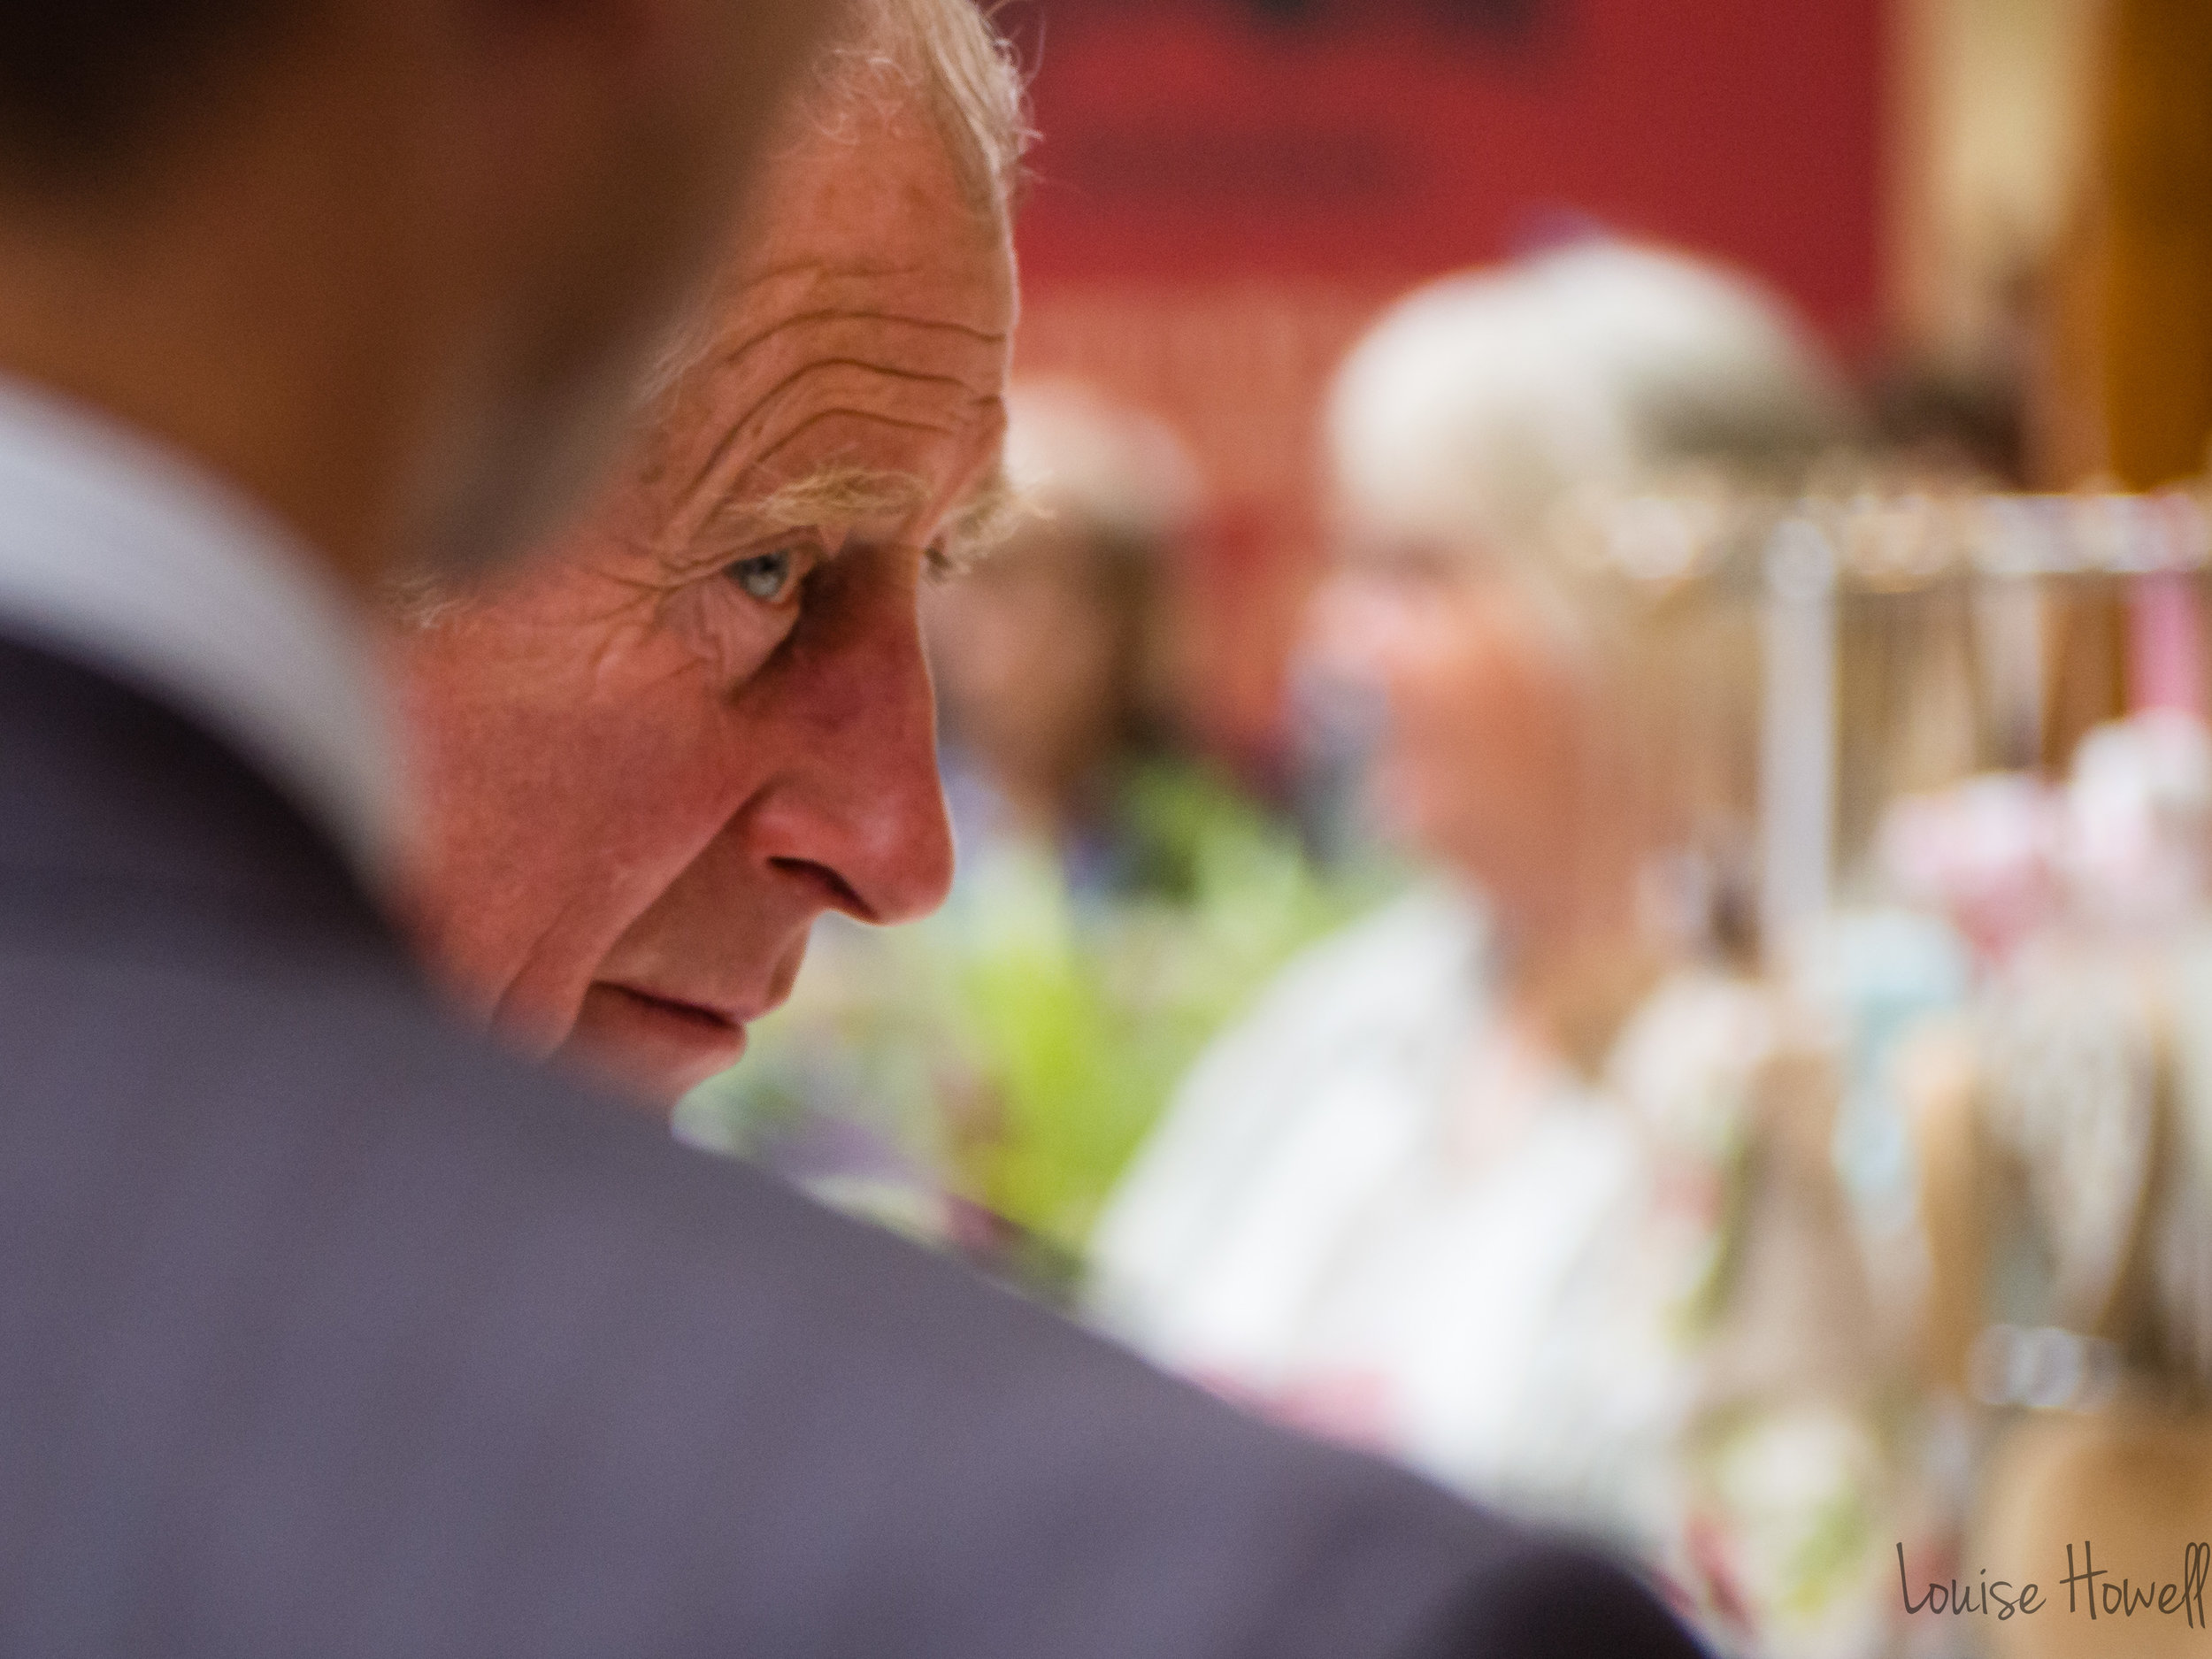 Prince_Charles-LouiseHowell-7200007.jpg